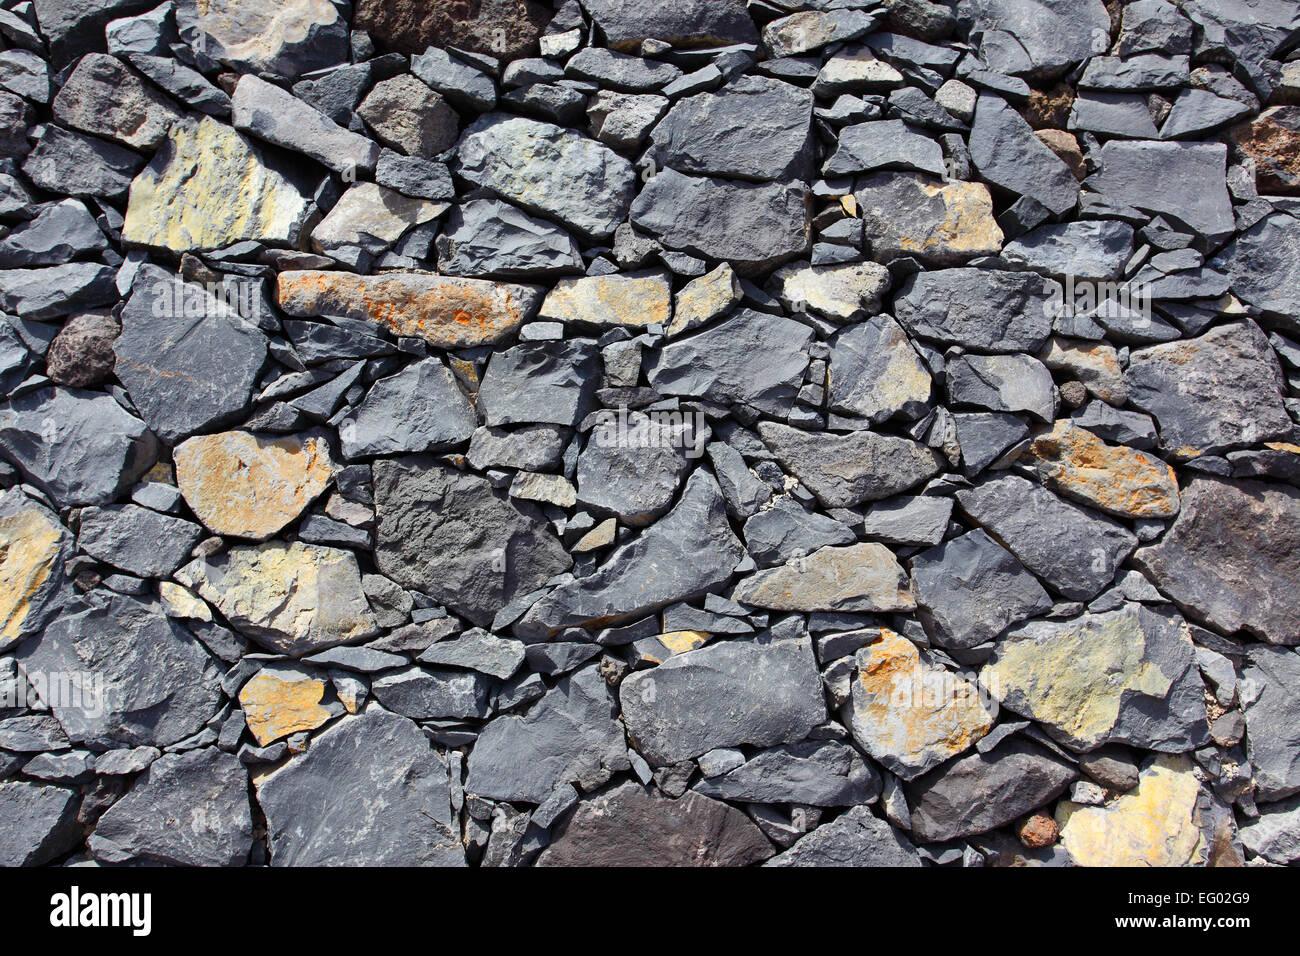 Muro Fatto In Pietra la texture di un muro fatto di pietra vulcanica foto